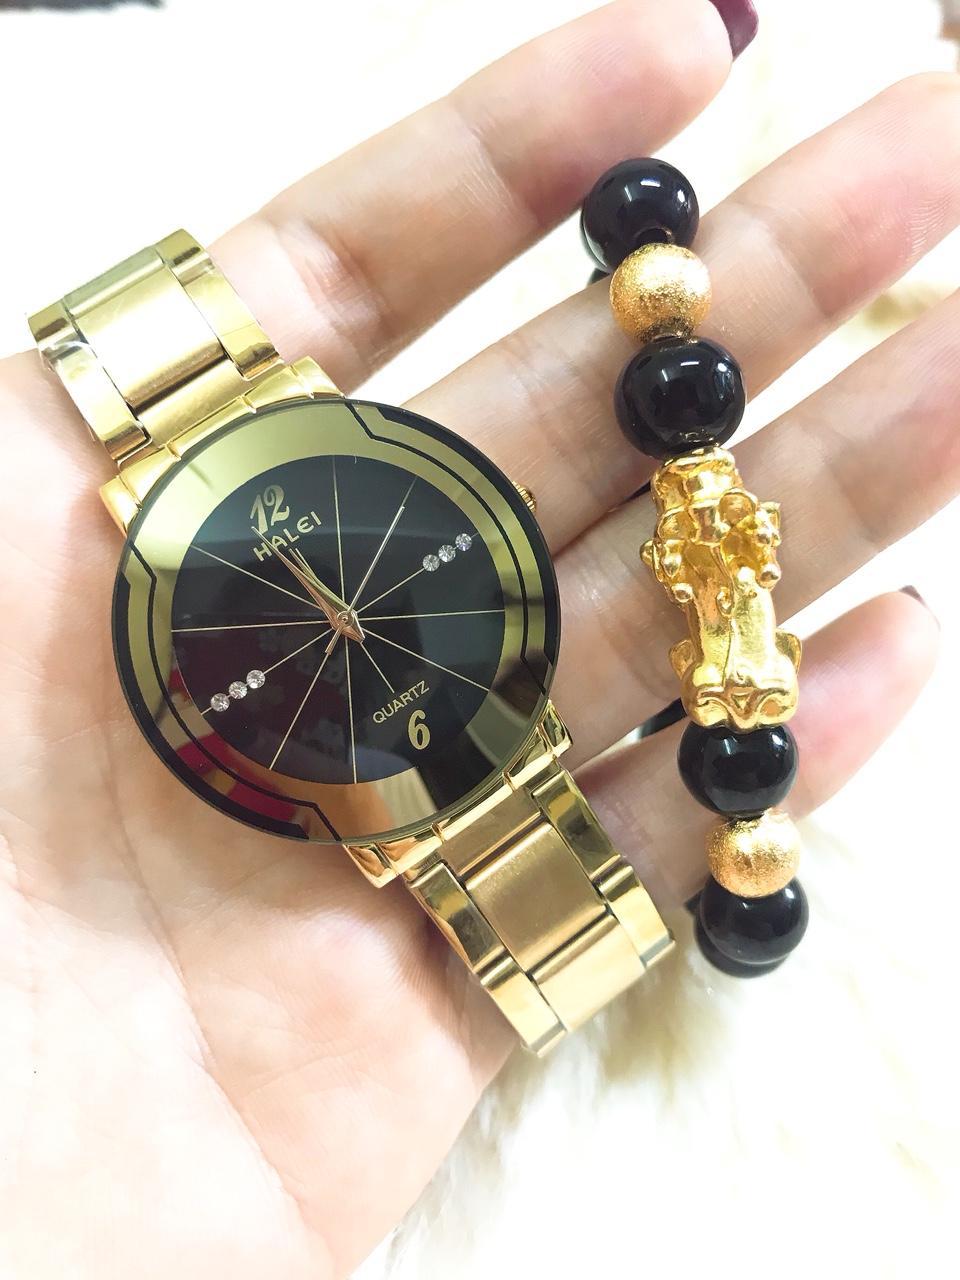 Đồng hồ nam Halei dây thép- TẶNG 1 vòng tỳ hưu phong thủy may mắn (dây vàng mặt đen) bán chạy